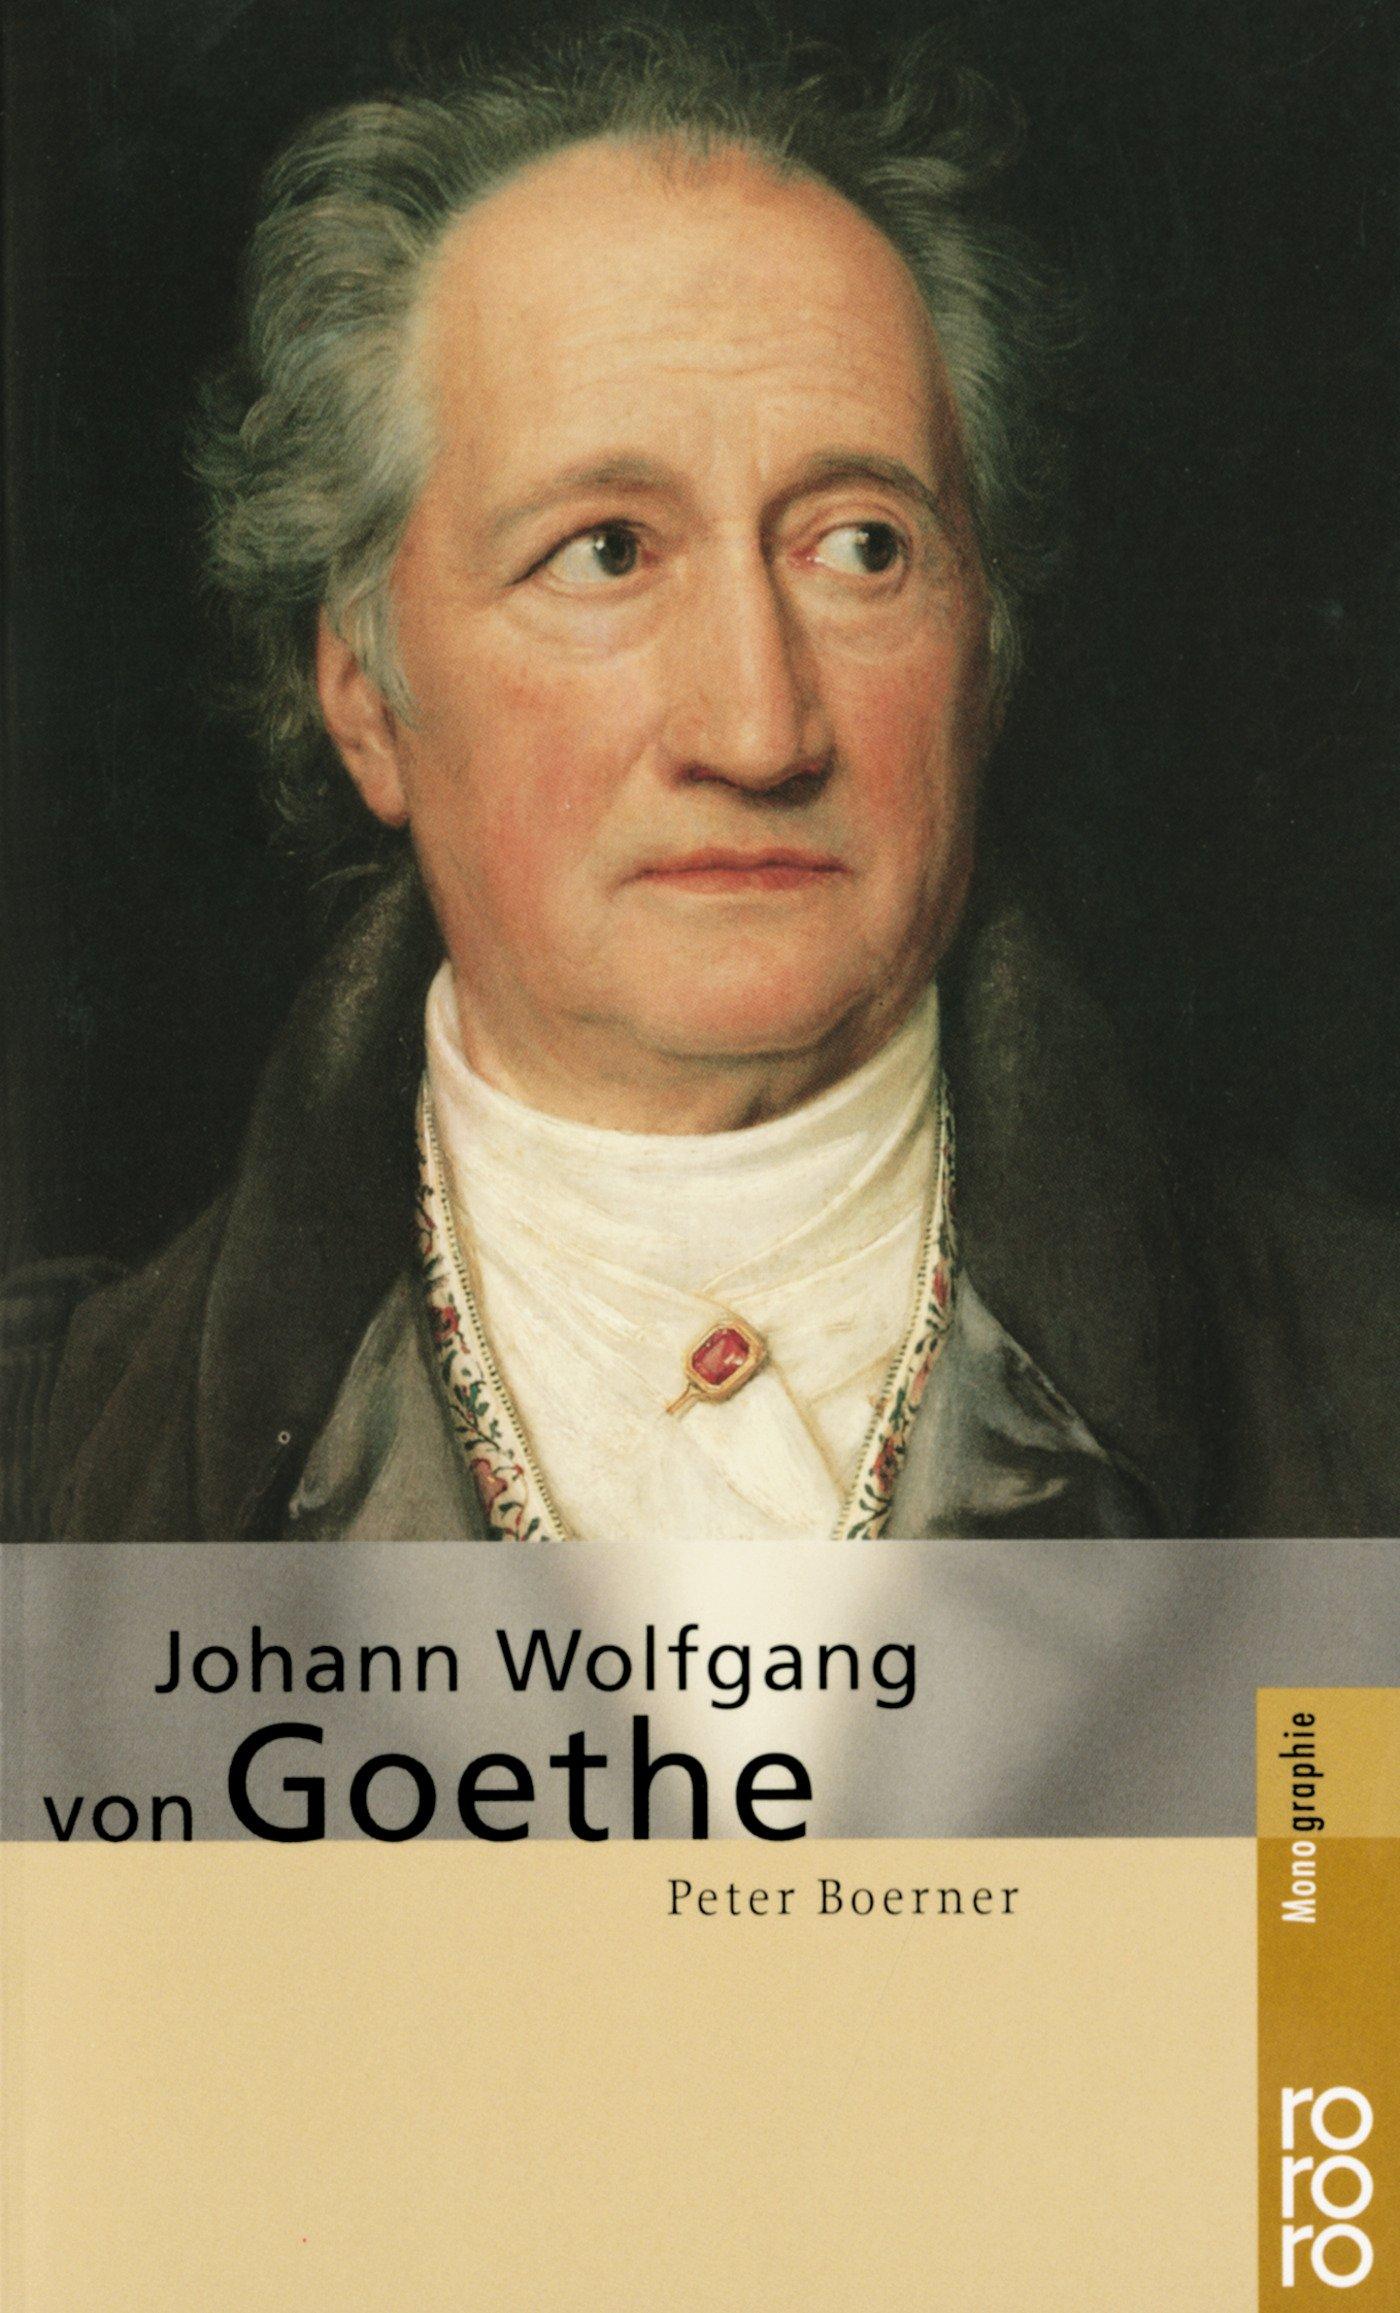 Johann Wolfgang von Goethe Taschenbuch – 1. Mai 1999 Peter Boerner Rowohlt Taschenbuch 3499505770 Deutschsprachige